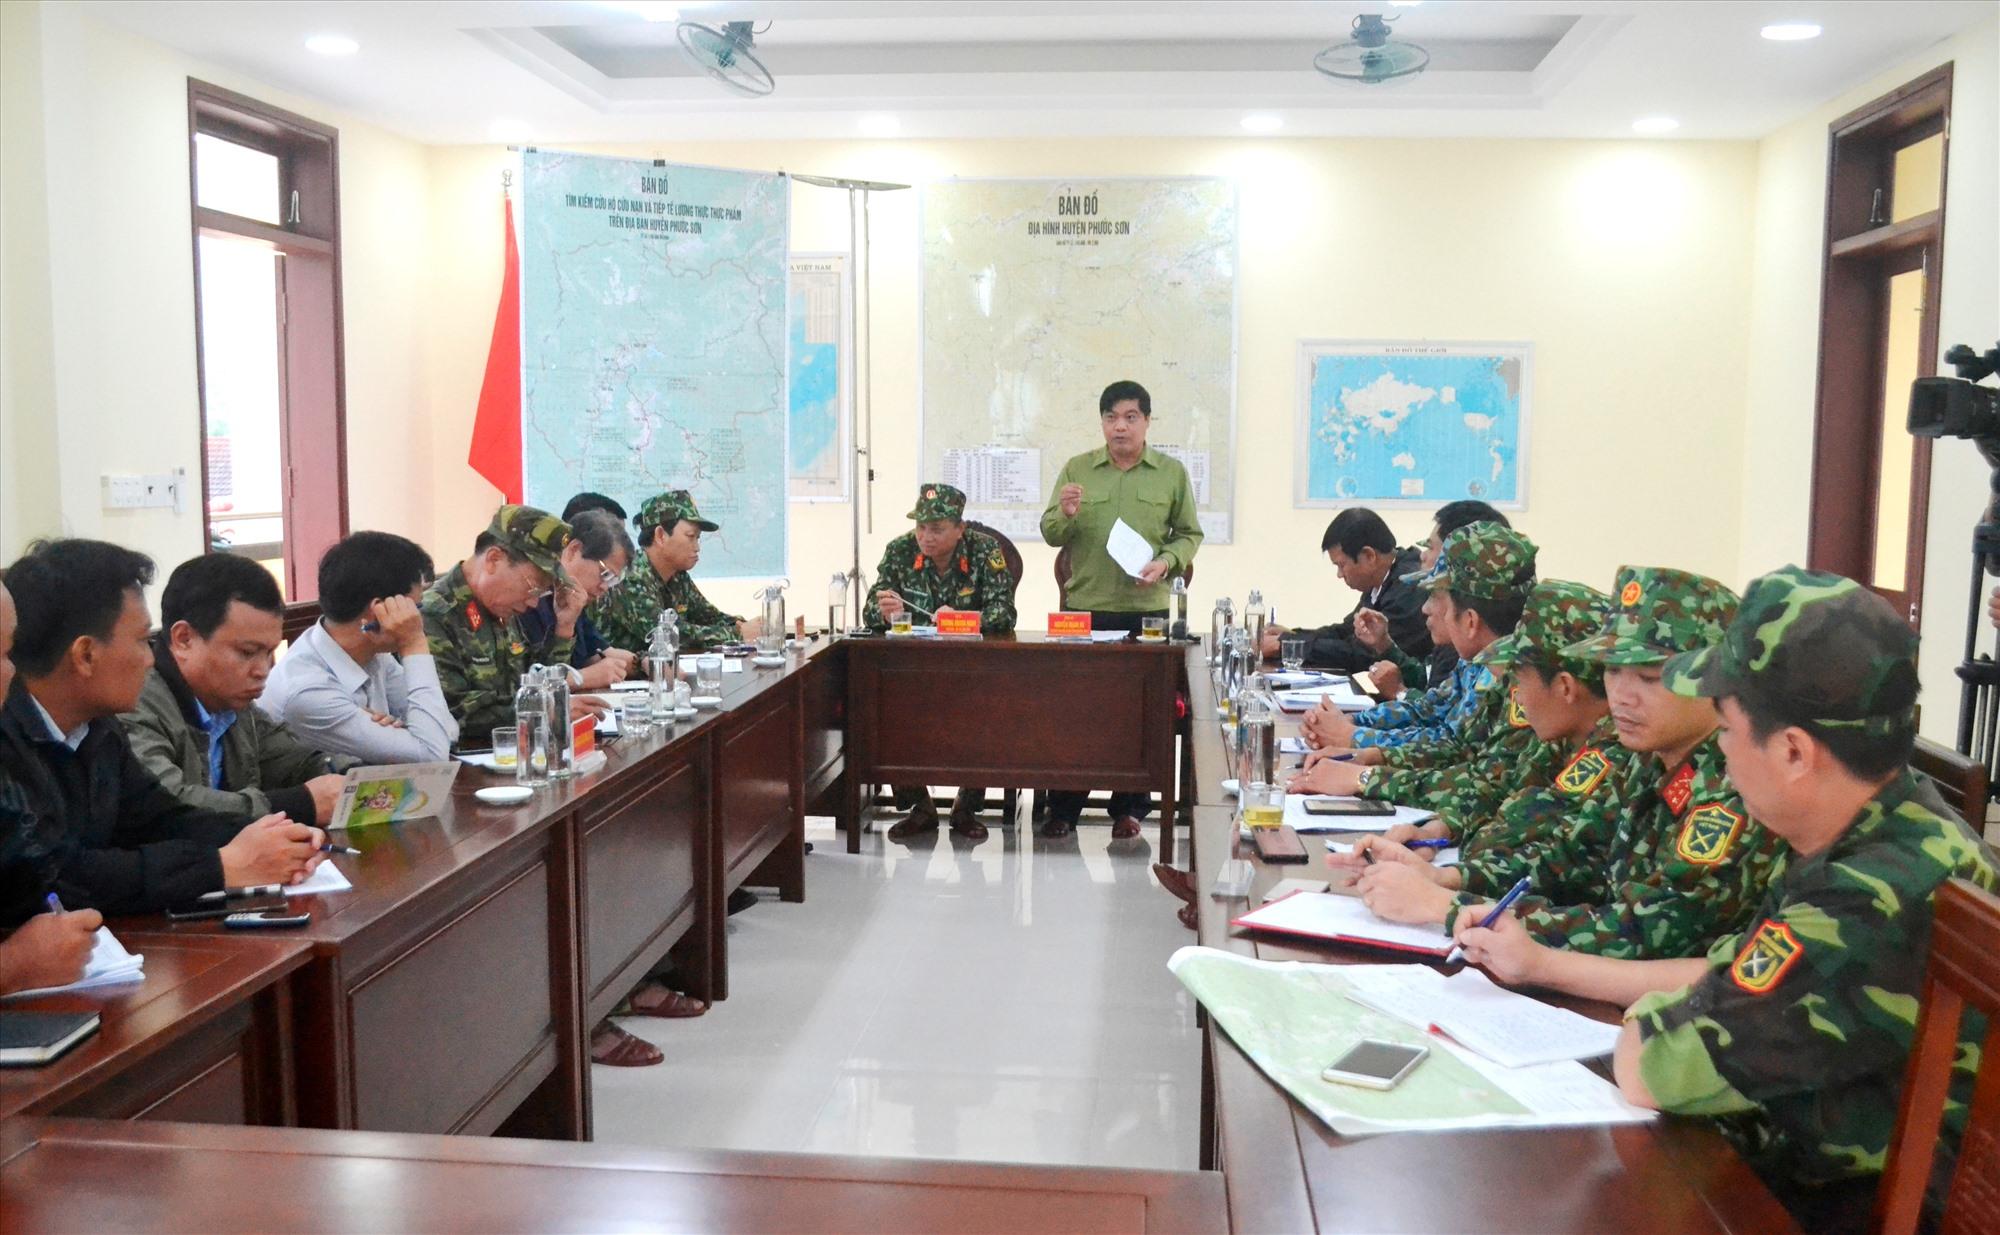 Đồng chí Nguyễn Mạnh Hà chỉ đạo phương án khắc phục đường bộ vào các xã Phước Thành, Phước Lộc. Ảnh: CT